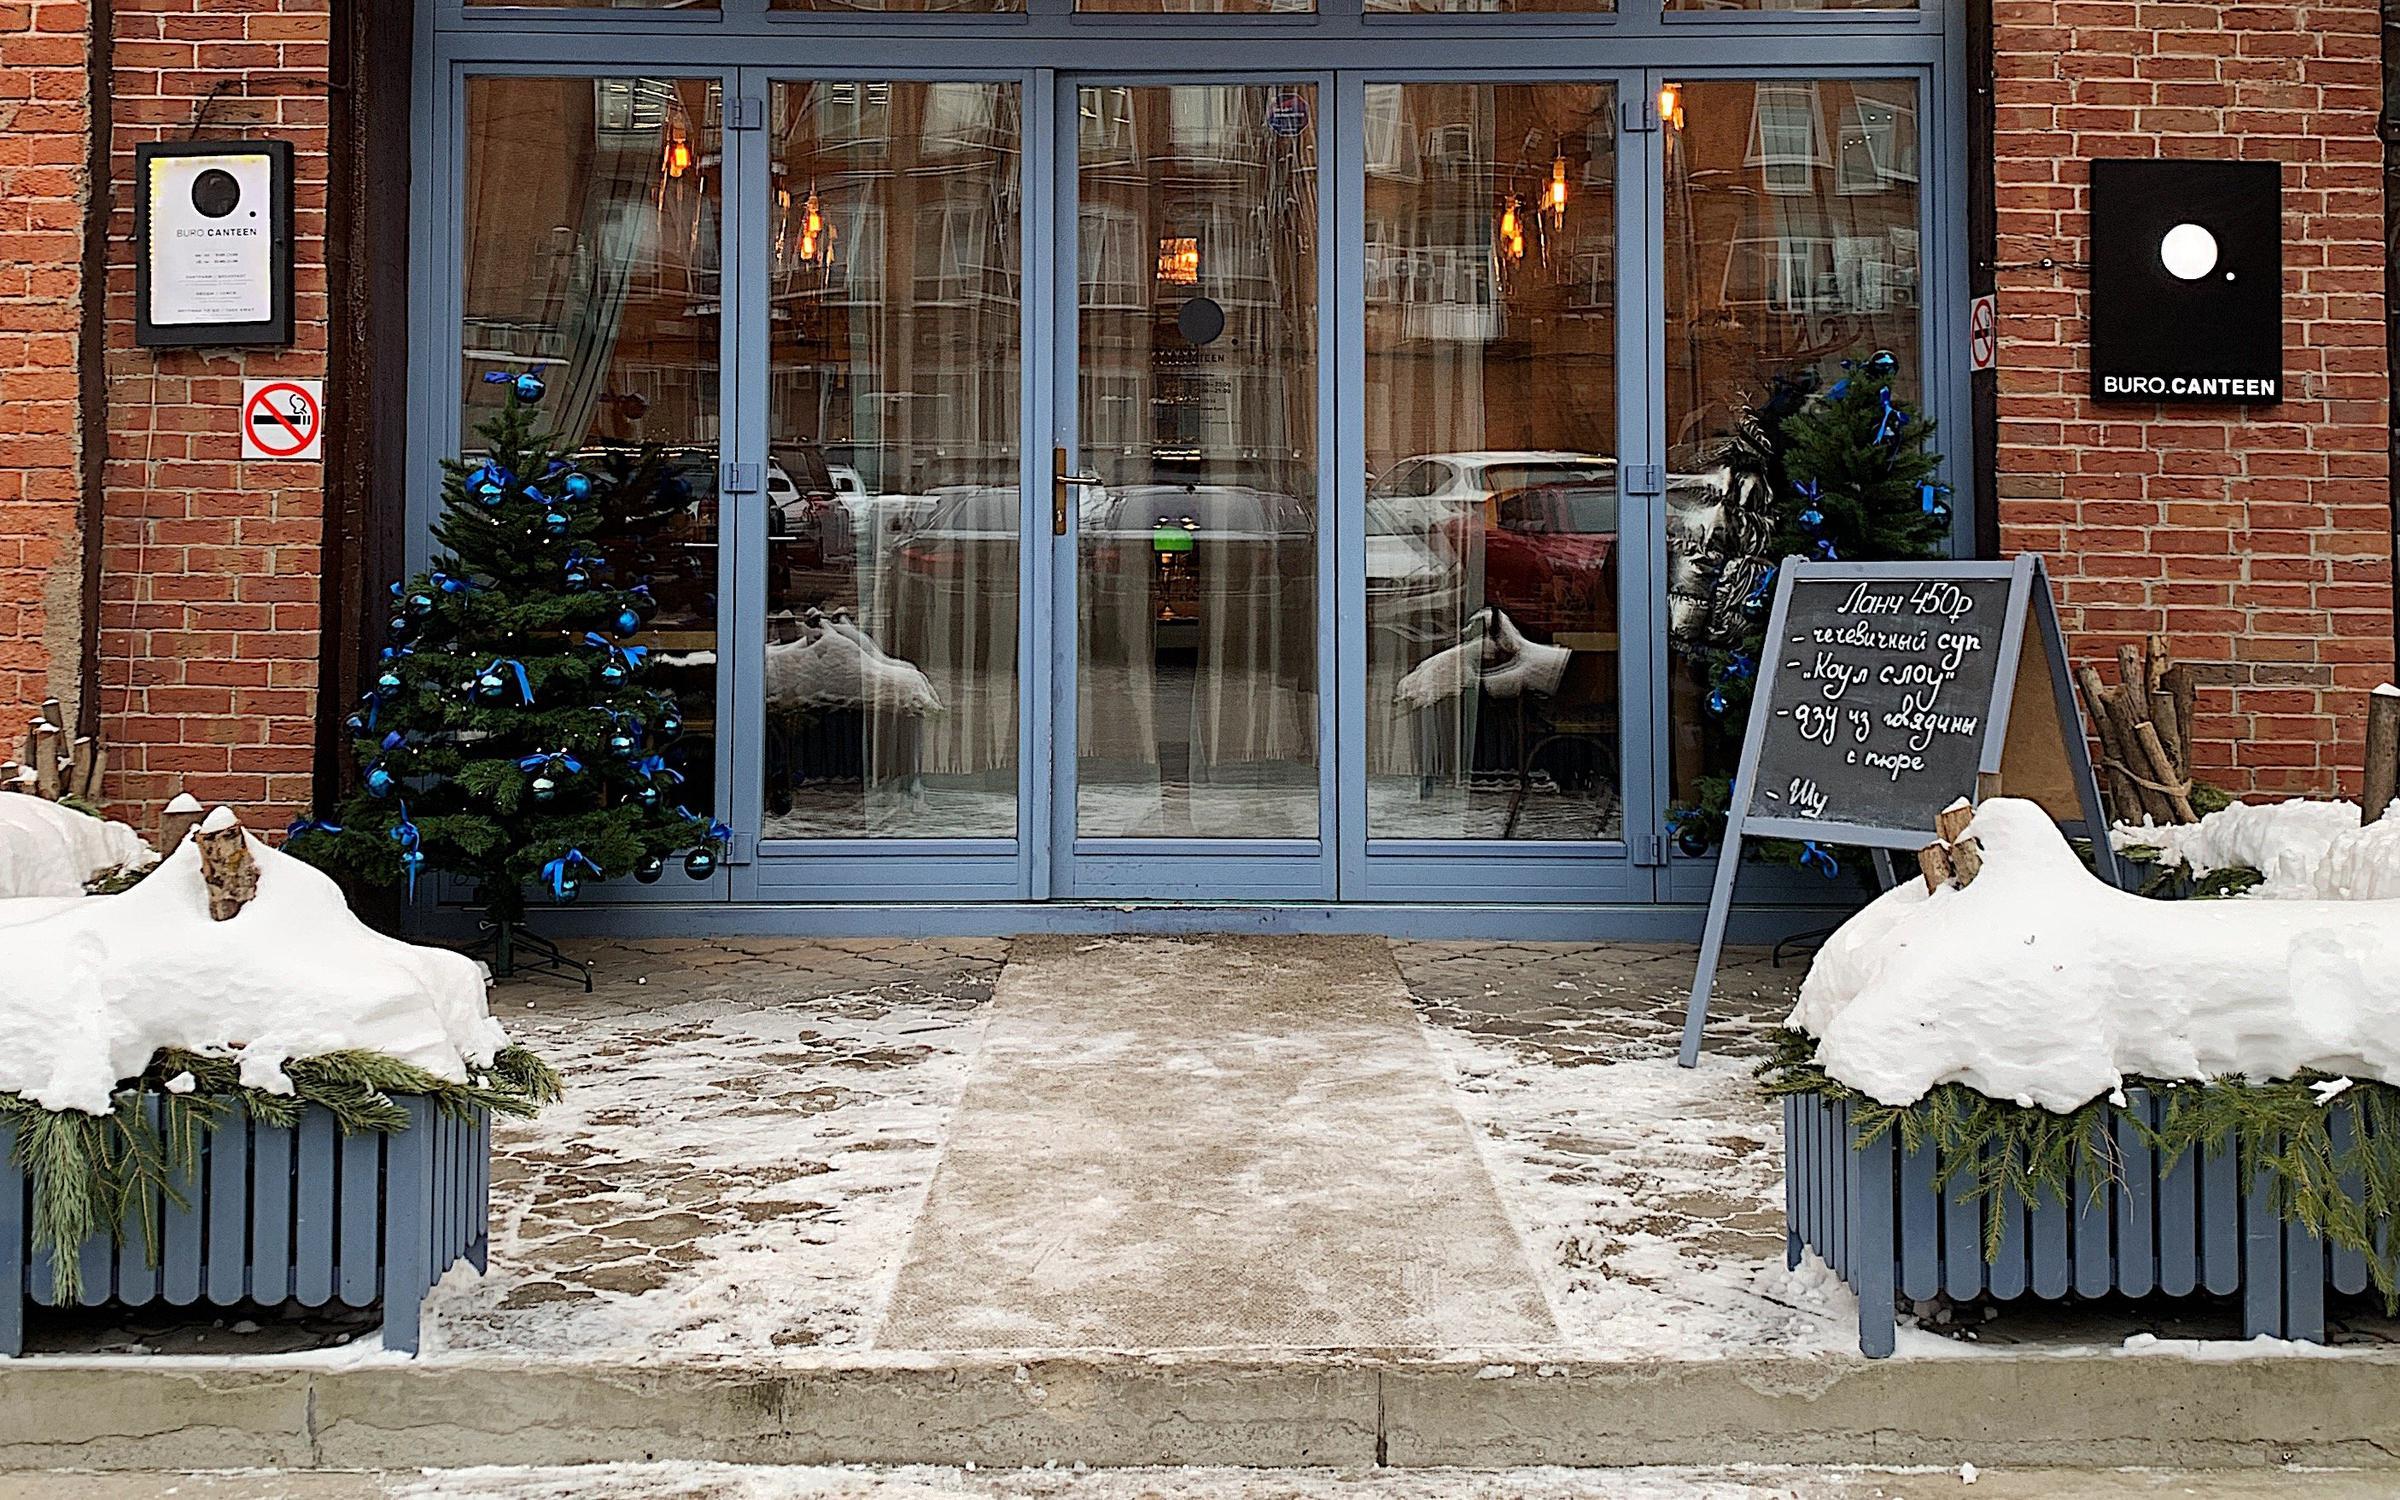 фотография Ресторана Buro Canteen на Рочдельской улице